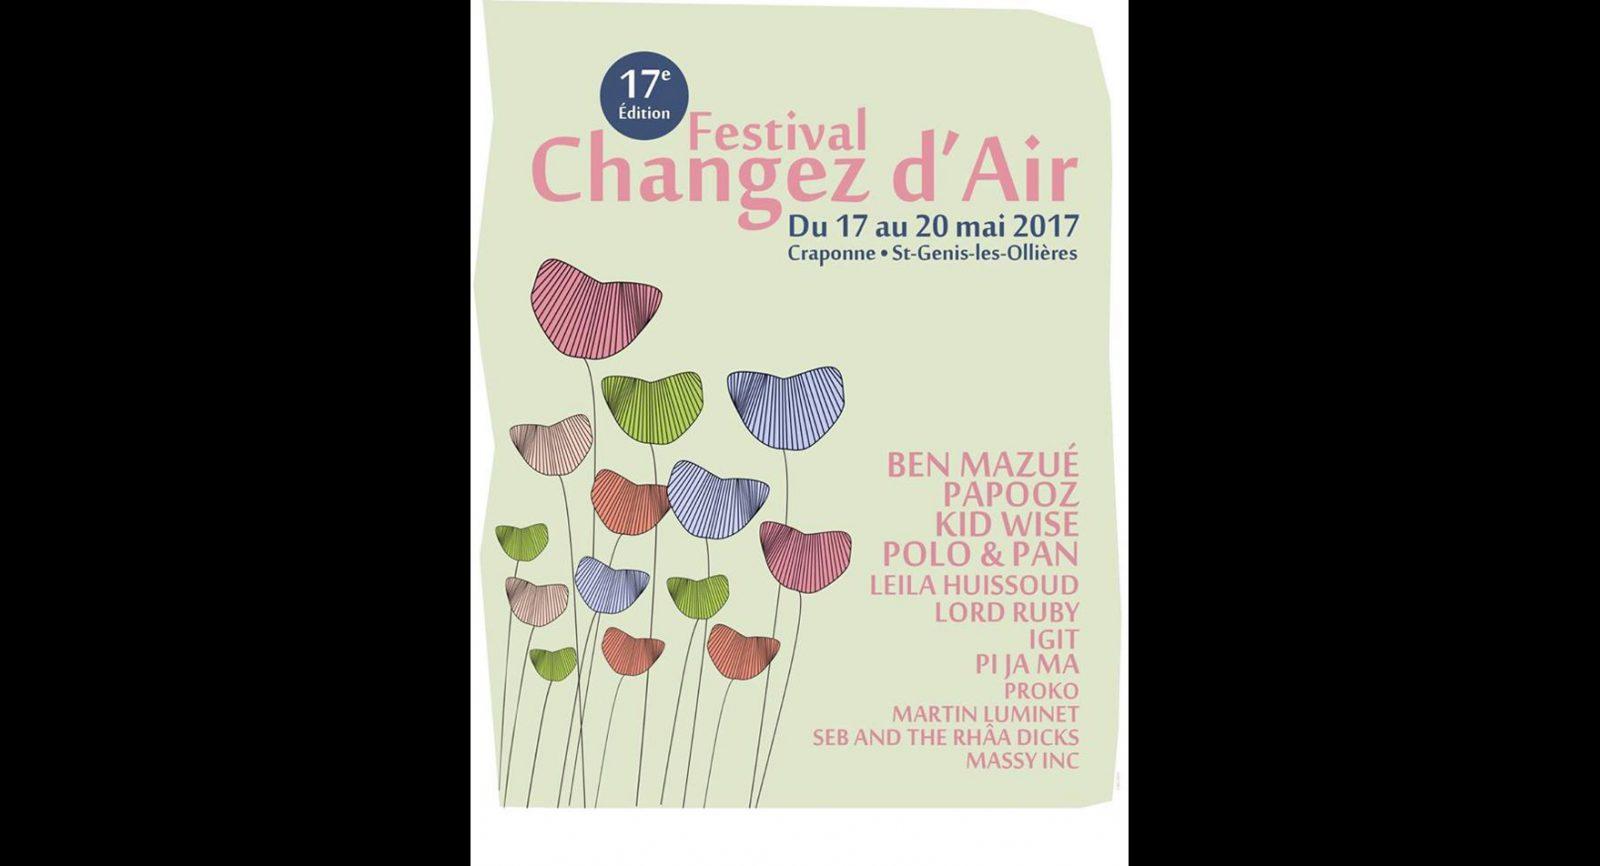 [Festival] Changez d'Air